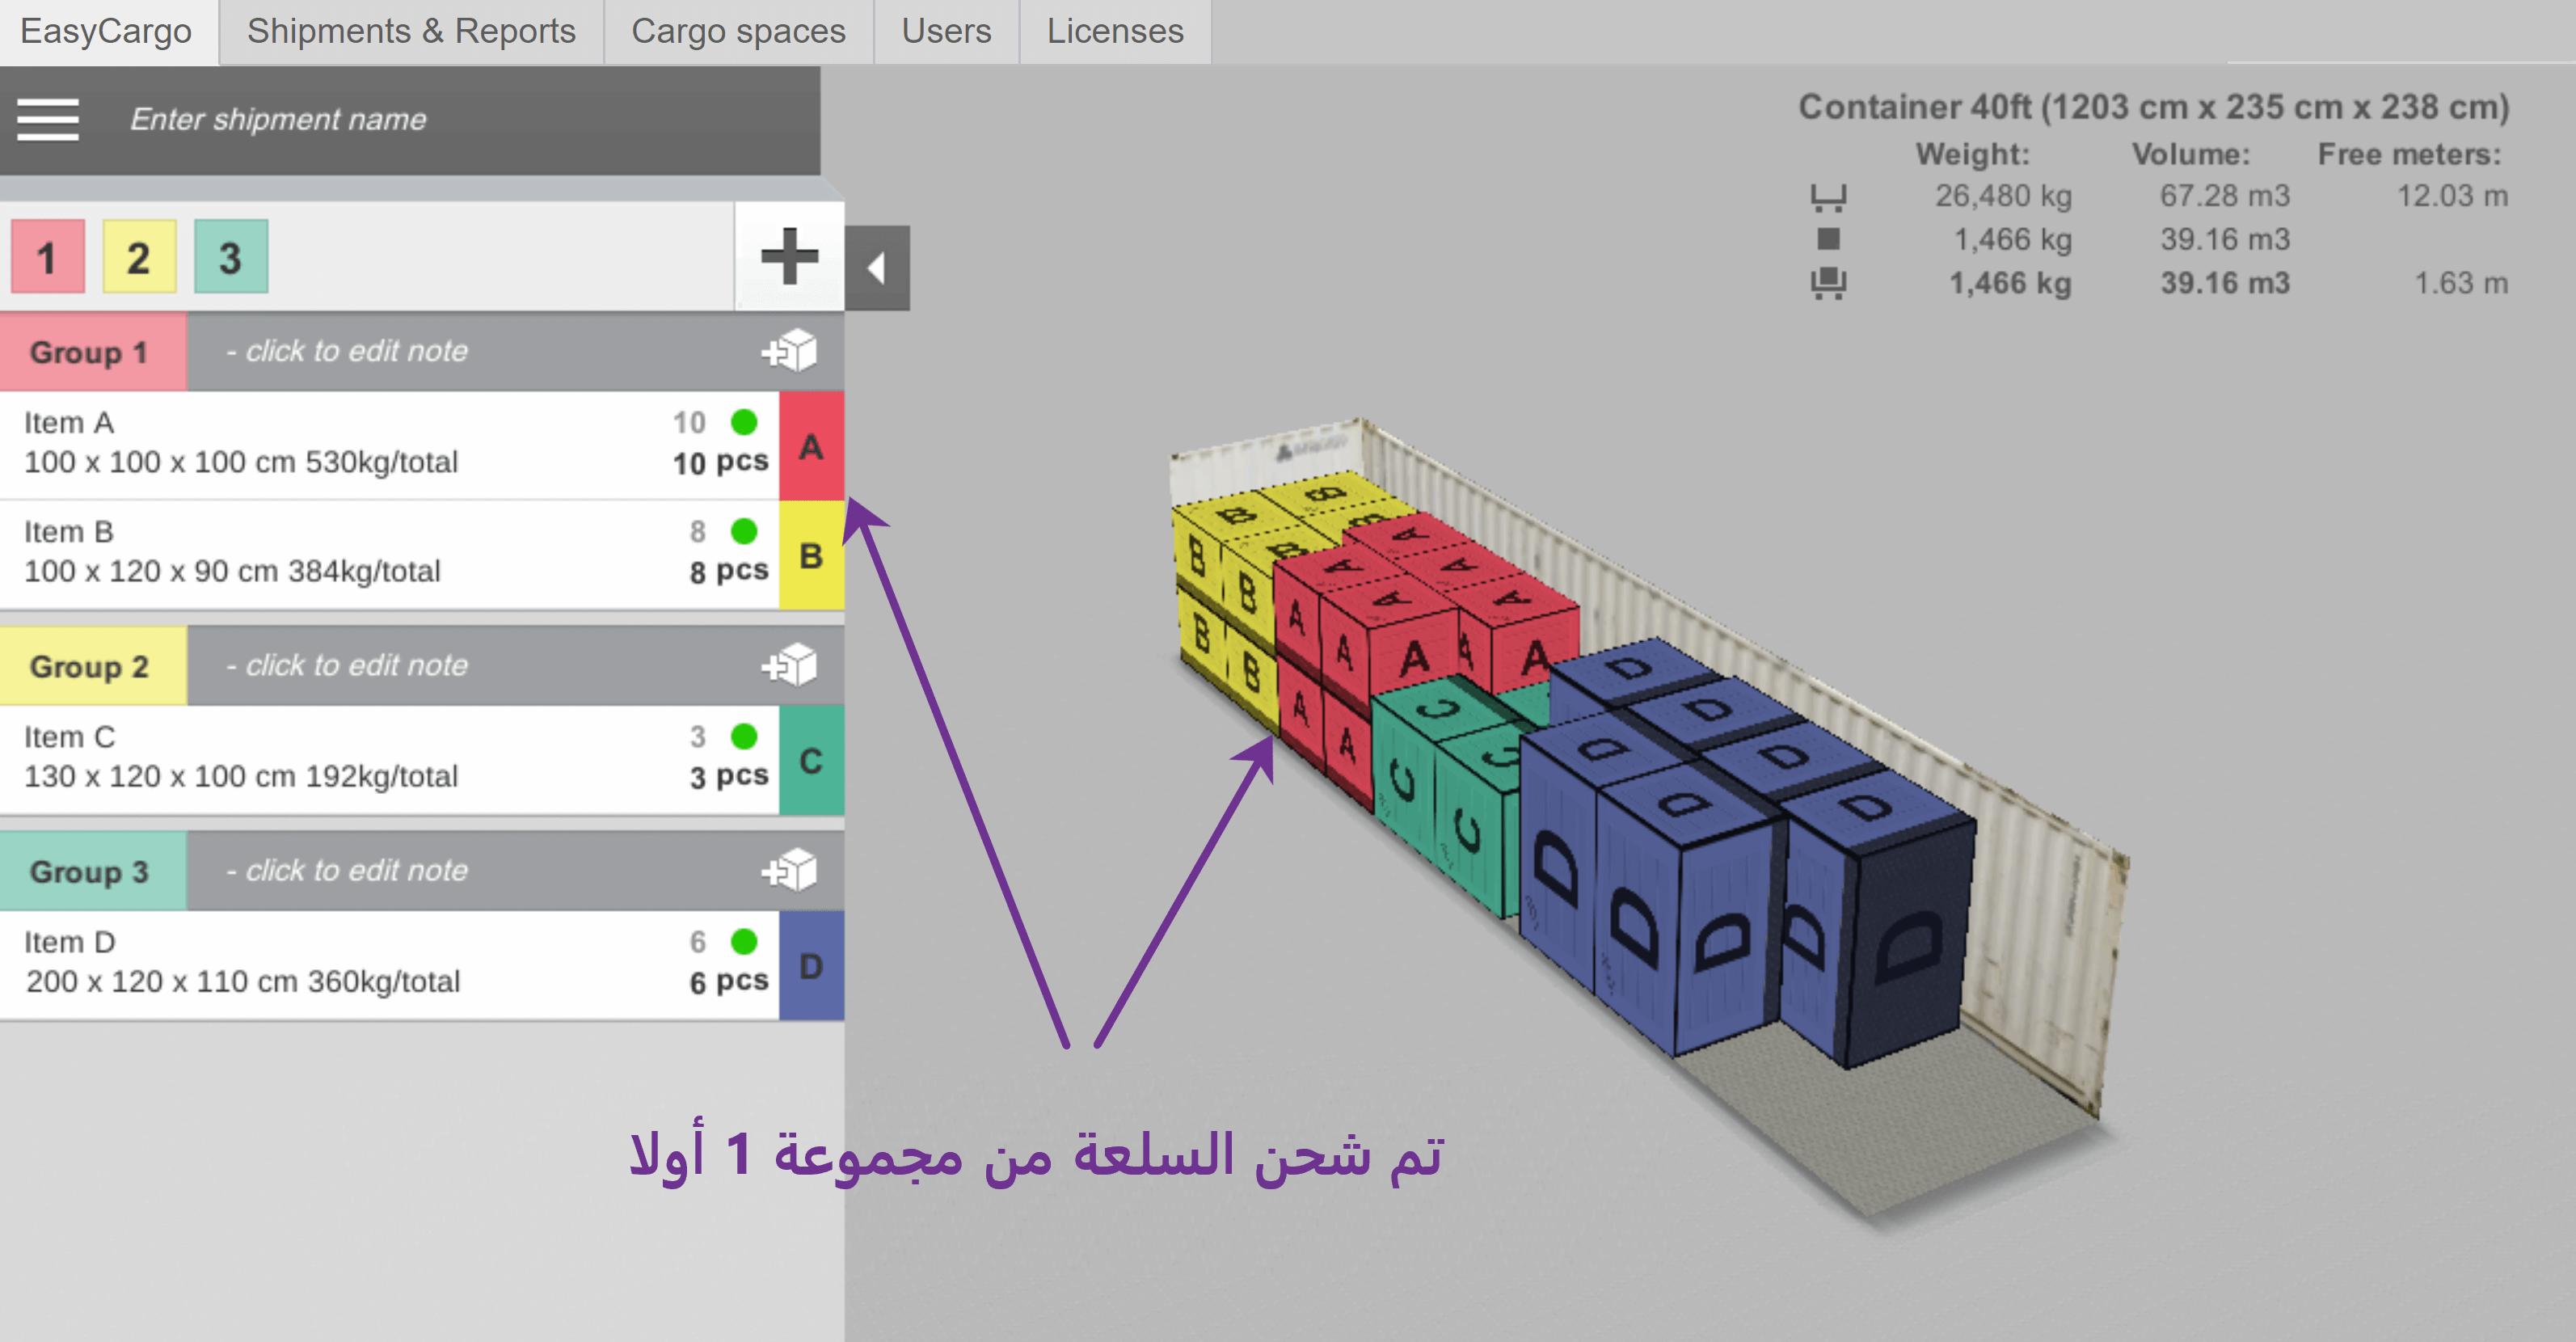 مثل من أمثال مجموعات الأولوية – تبين الألوان قطعا مختلفة